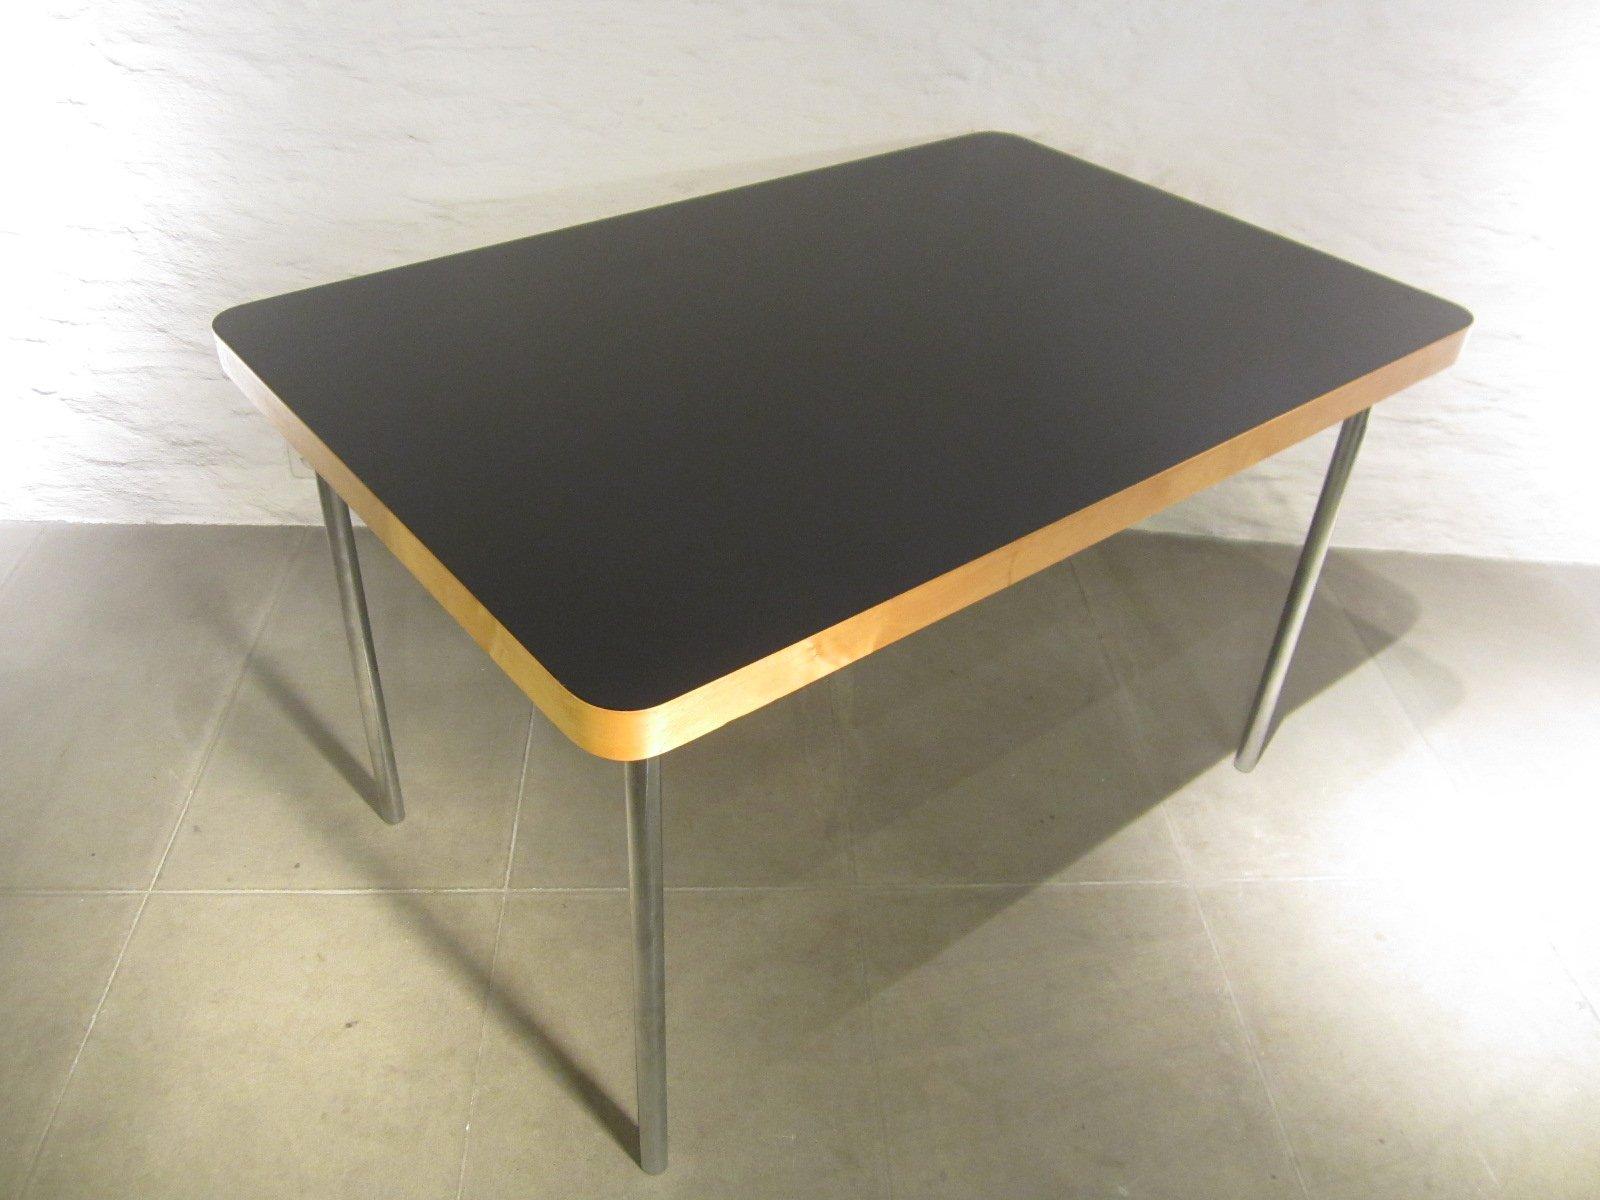 kleiner vintage esstisch von marcel breuer f r embru. Black Bedroom Furniture Sets. Home Design Ideas